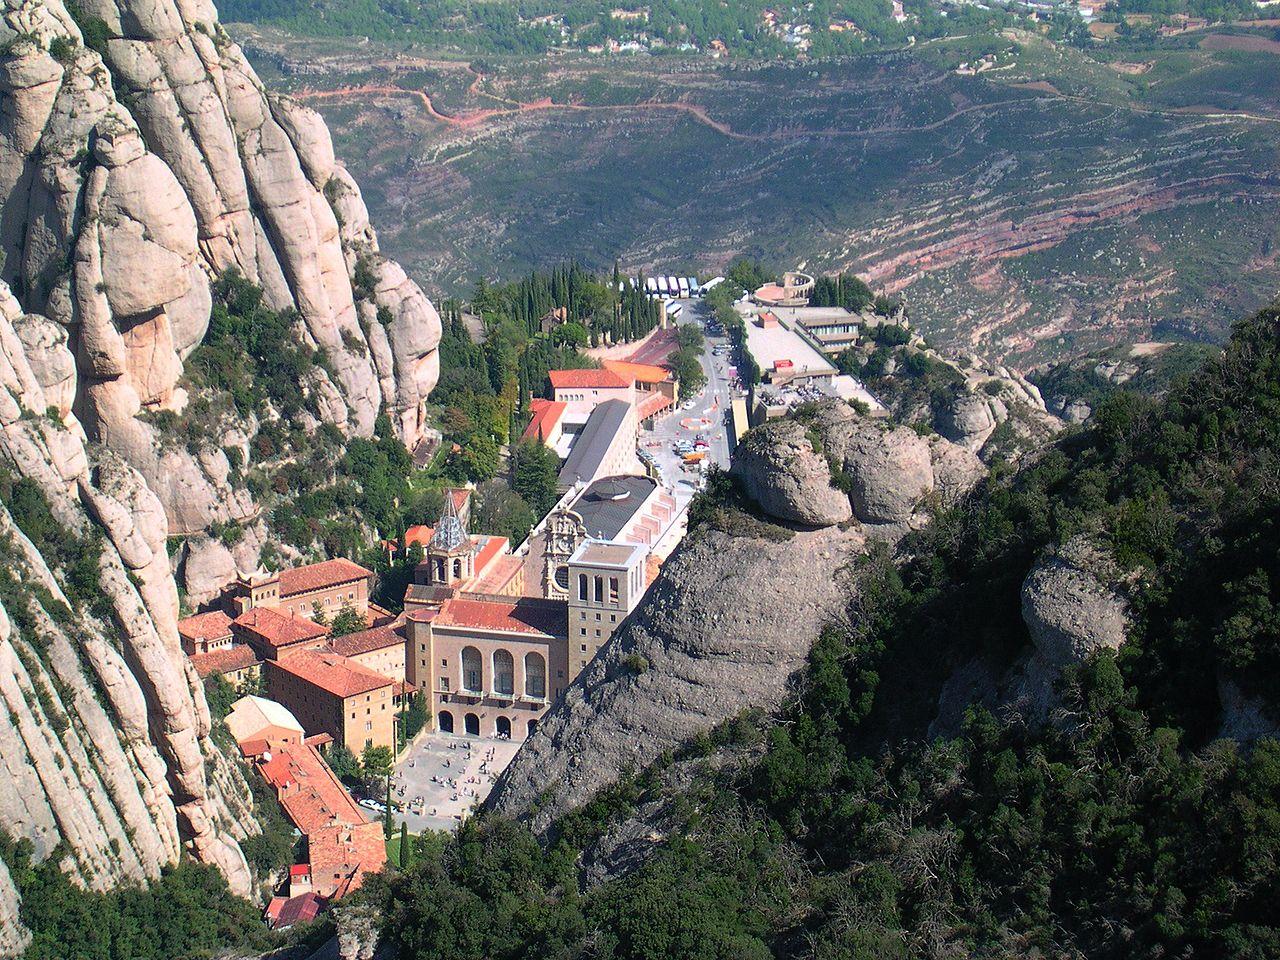 Monestir de Montserrat and Roca de St. Jaume by Richard Schneider